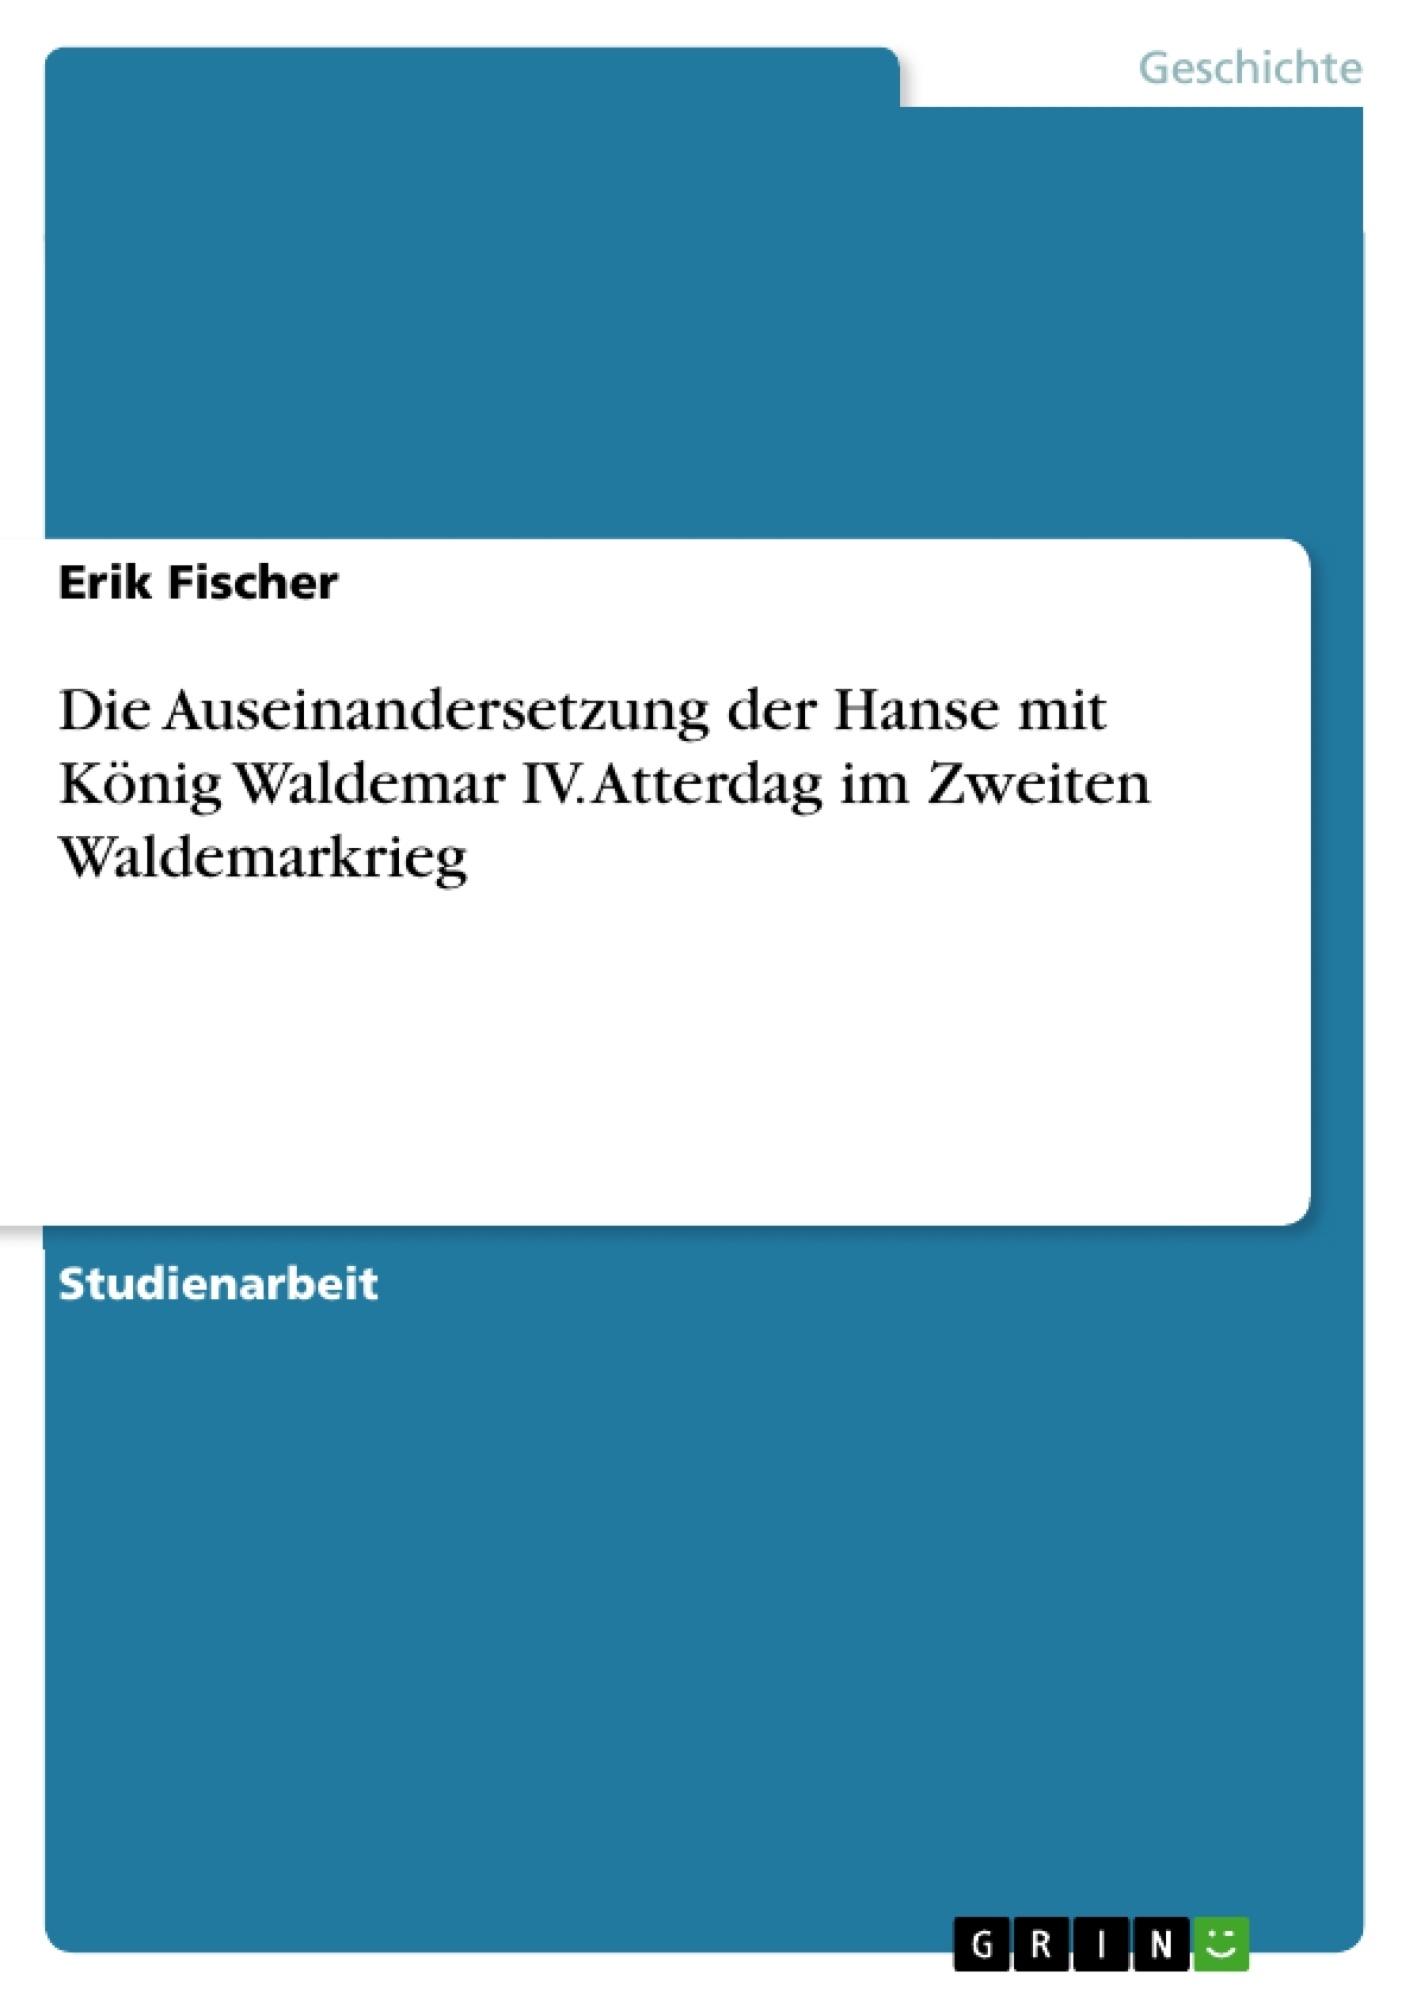 Titel: Die Auseinandersetzung der Hanse mit König Waldemar IV. Atterdag im Zweiten Waldemarkrieg